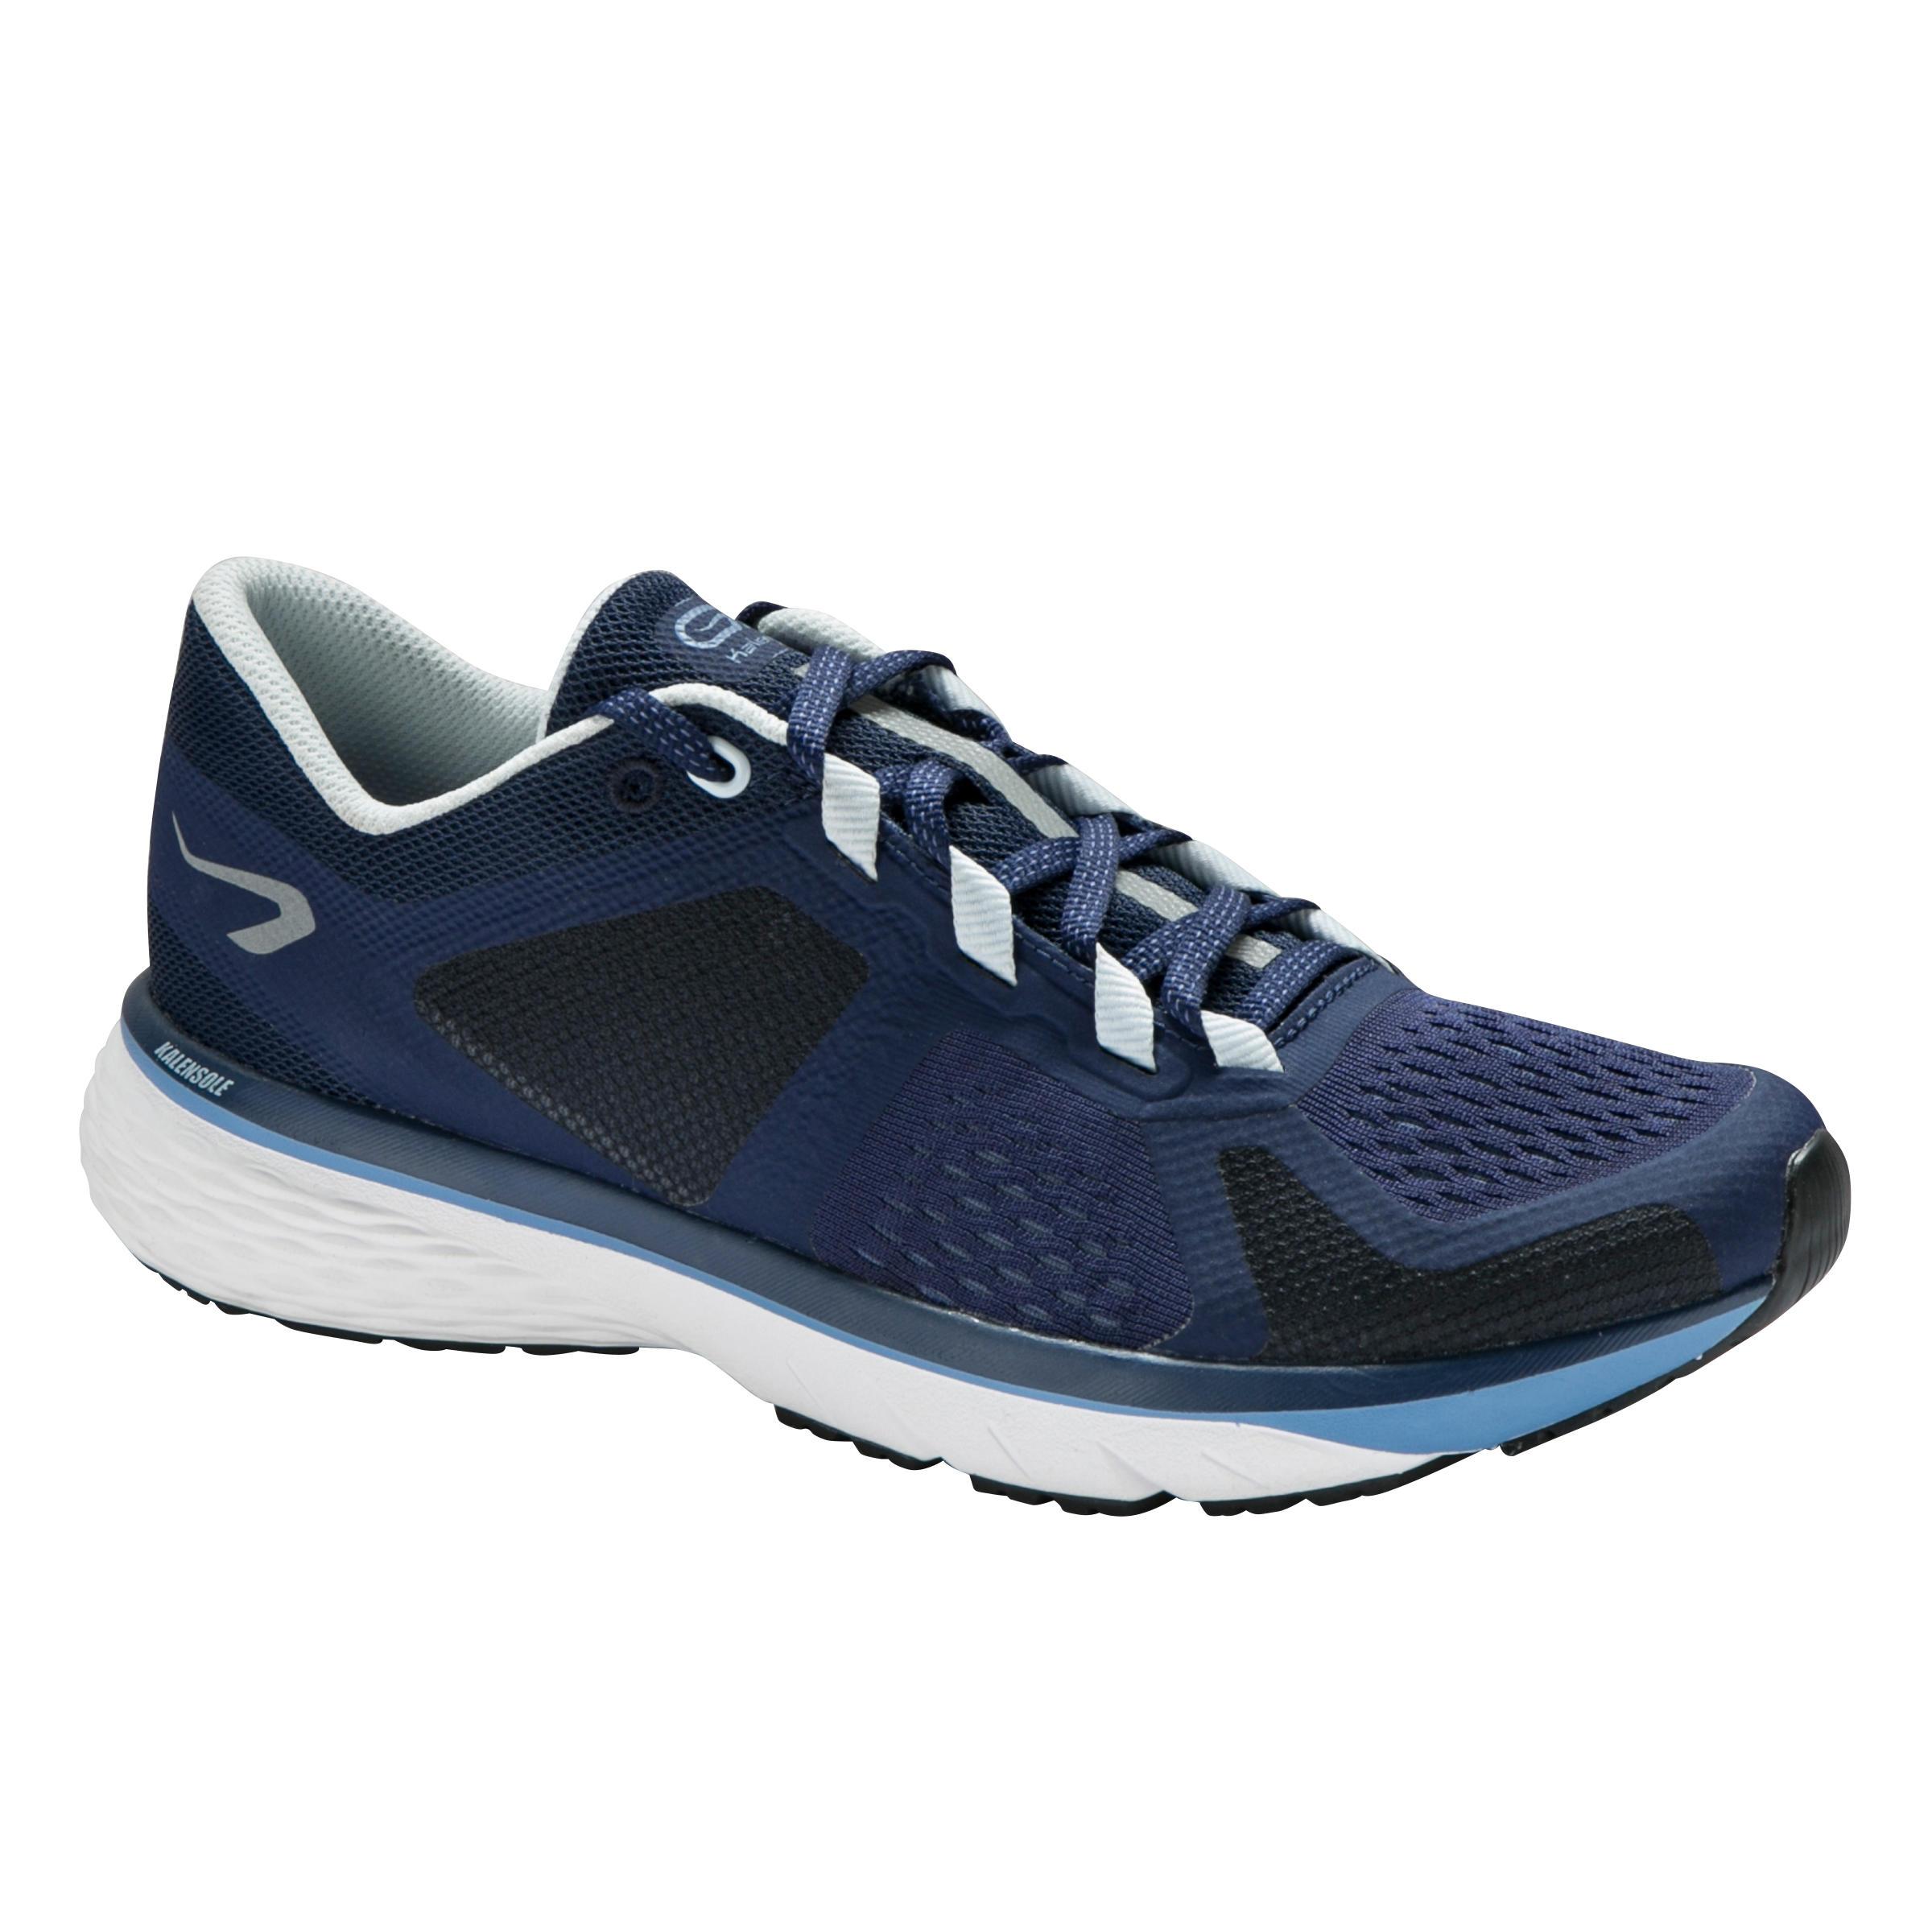 Kalenji Hardloopschoenen voor dames Run Support Control donkerblauw